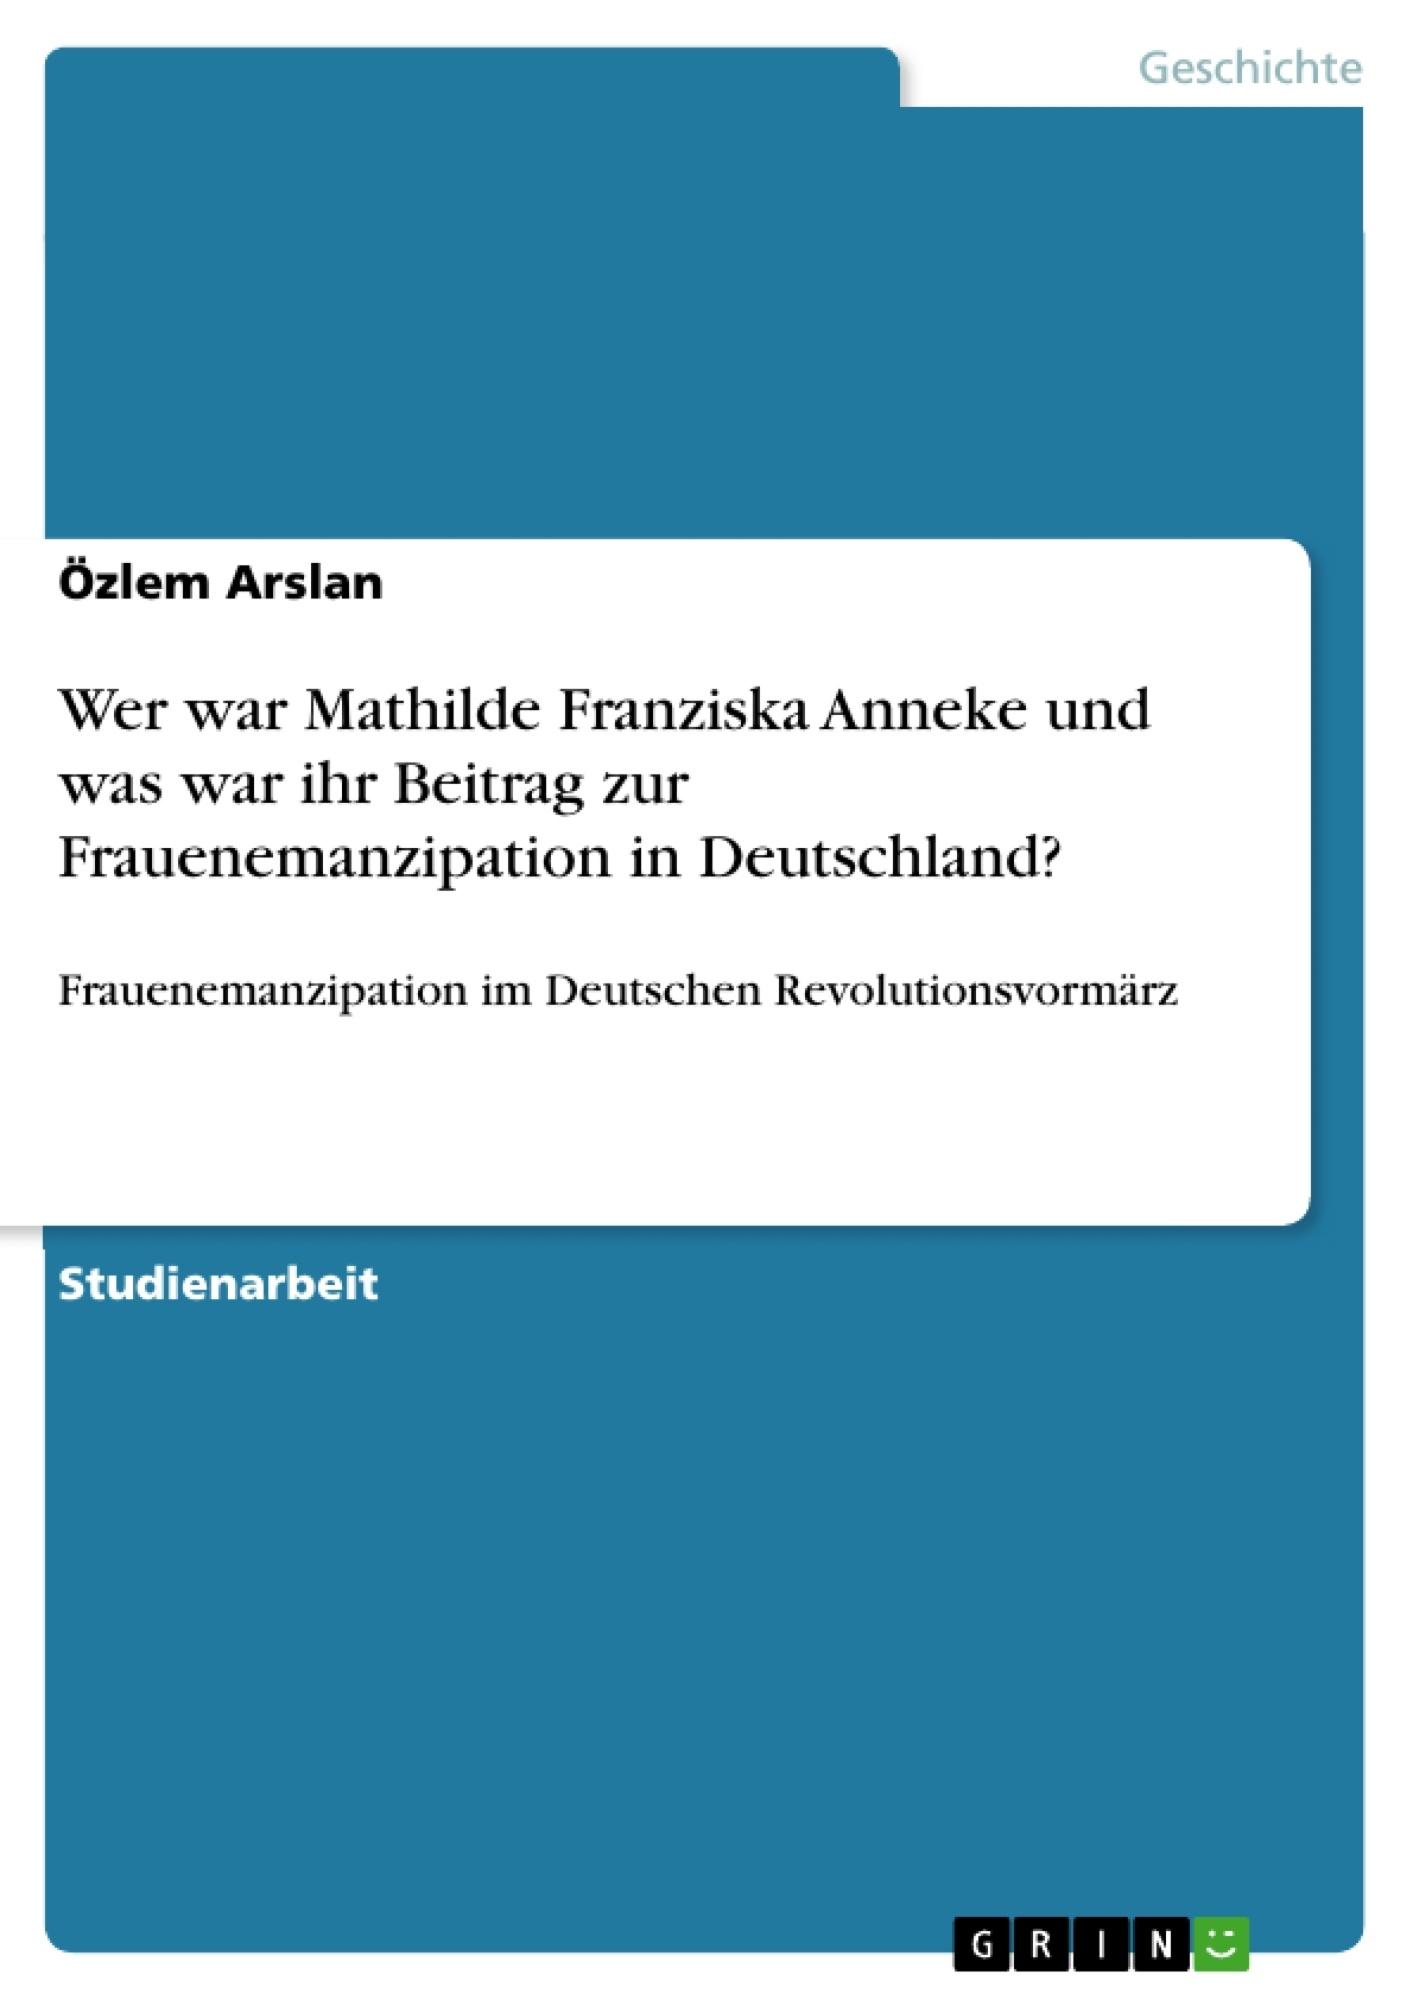 Titel: Wer war Mathilde Franziska Anneke und was war ihr Beitrag zur Frauenemanzipation in Deutschland?